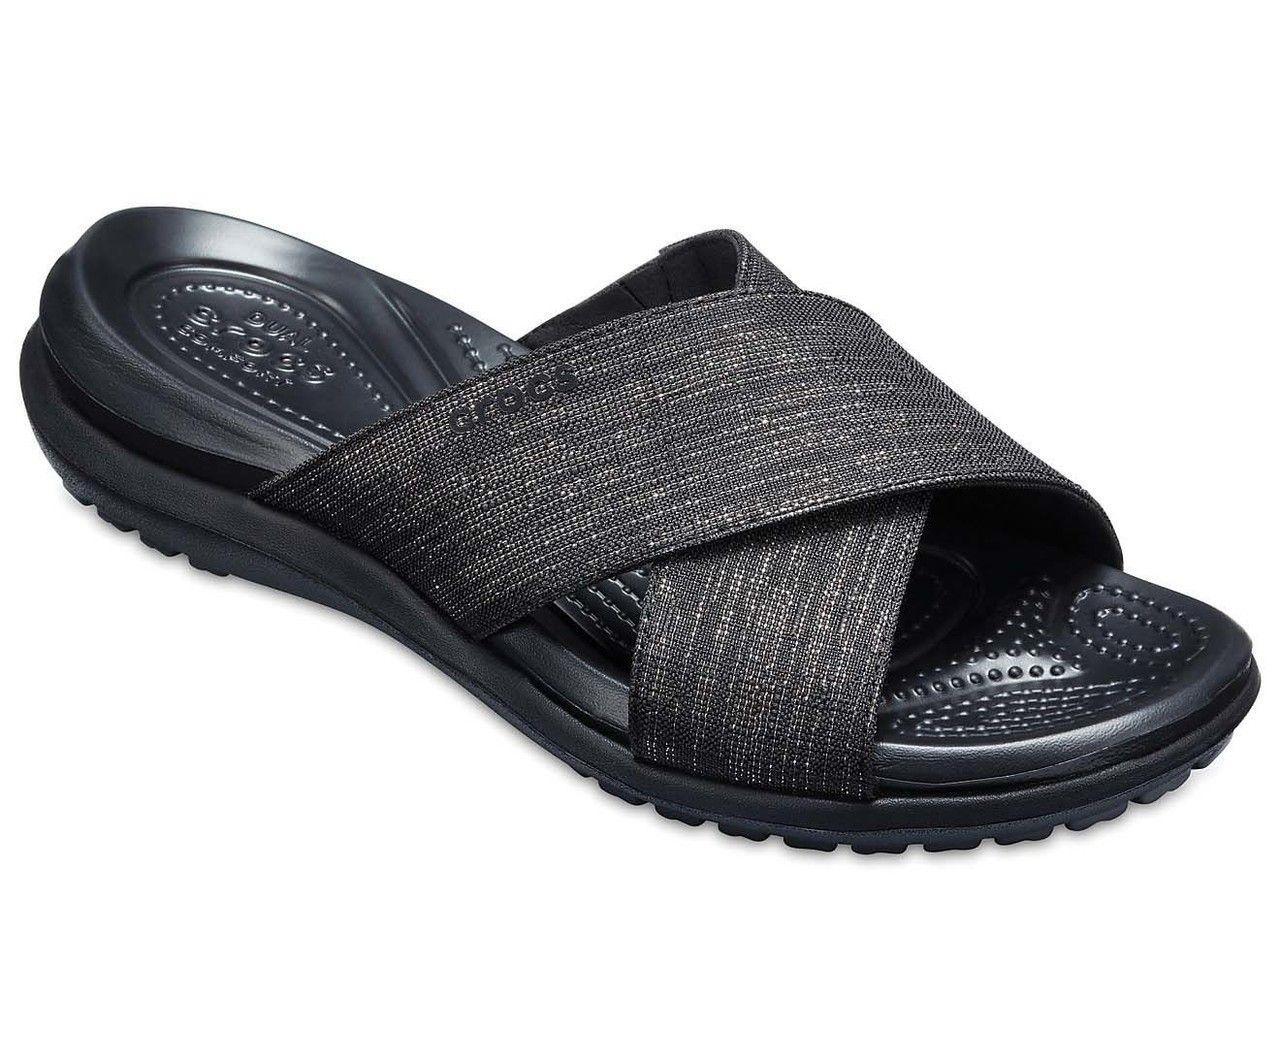 Crocs Women S Capri Shimmer Cross Band Sandal 204908 060 Hiking Shoes Women Slide Sandals Women S Crocs